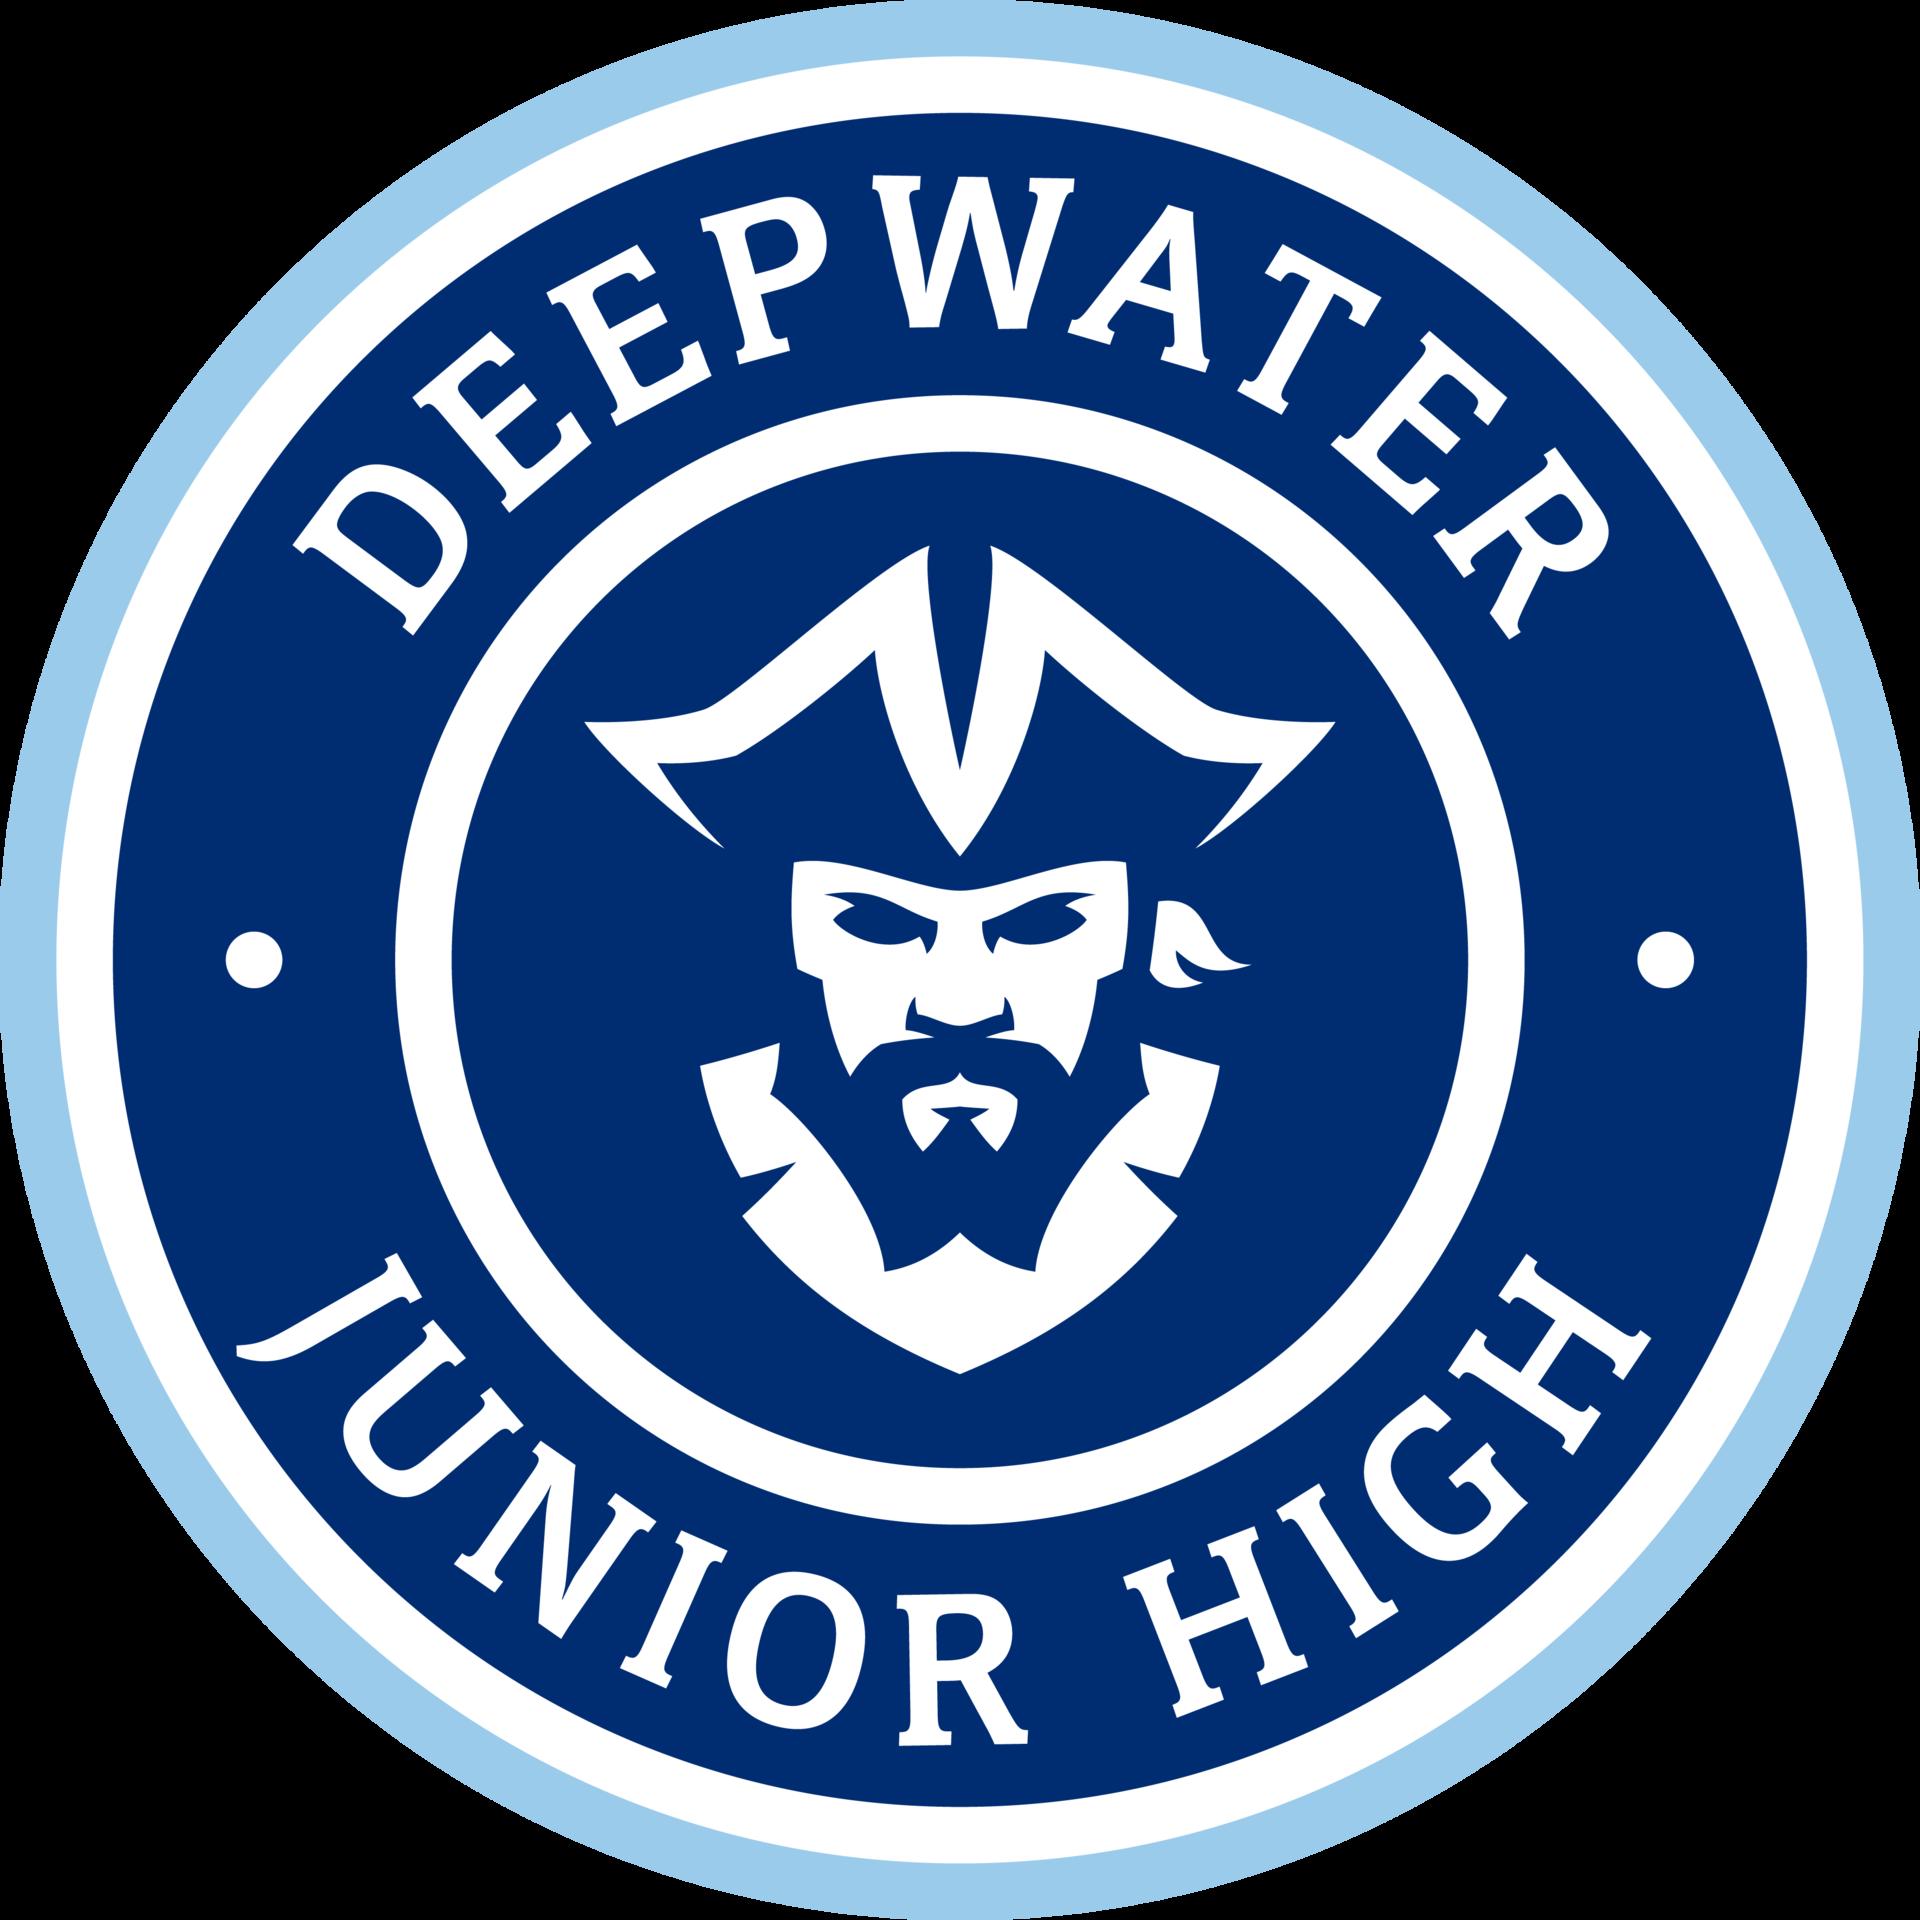 Logo for Deepwater Junior High